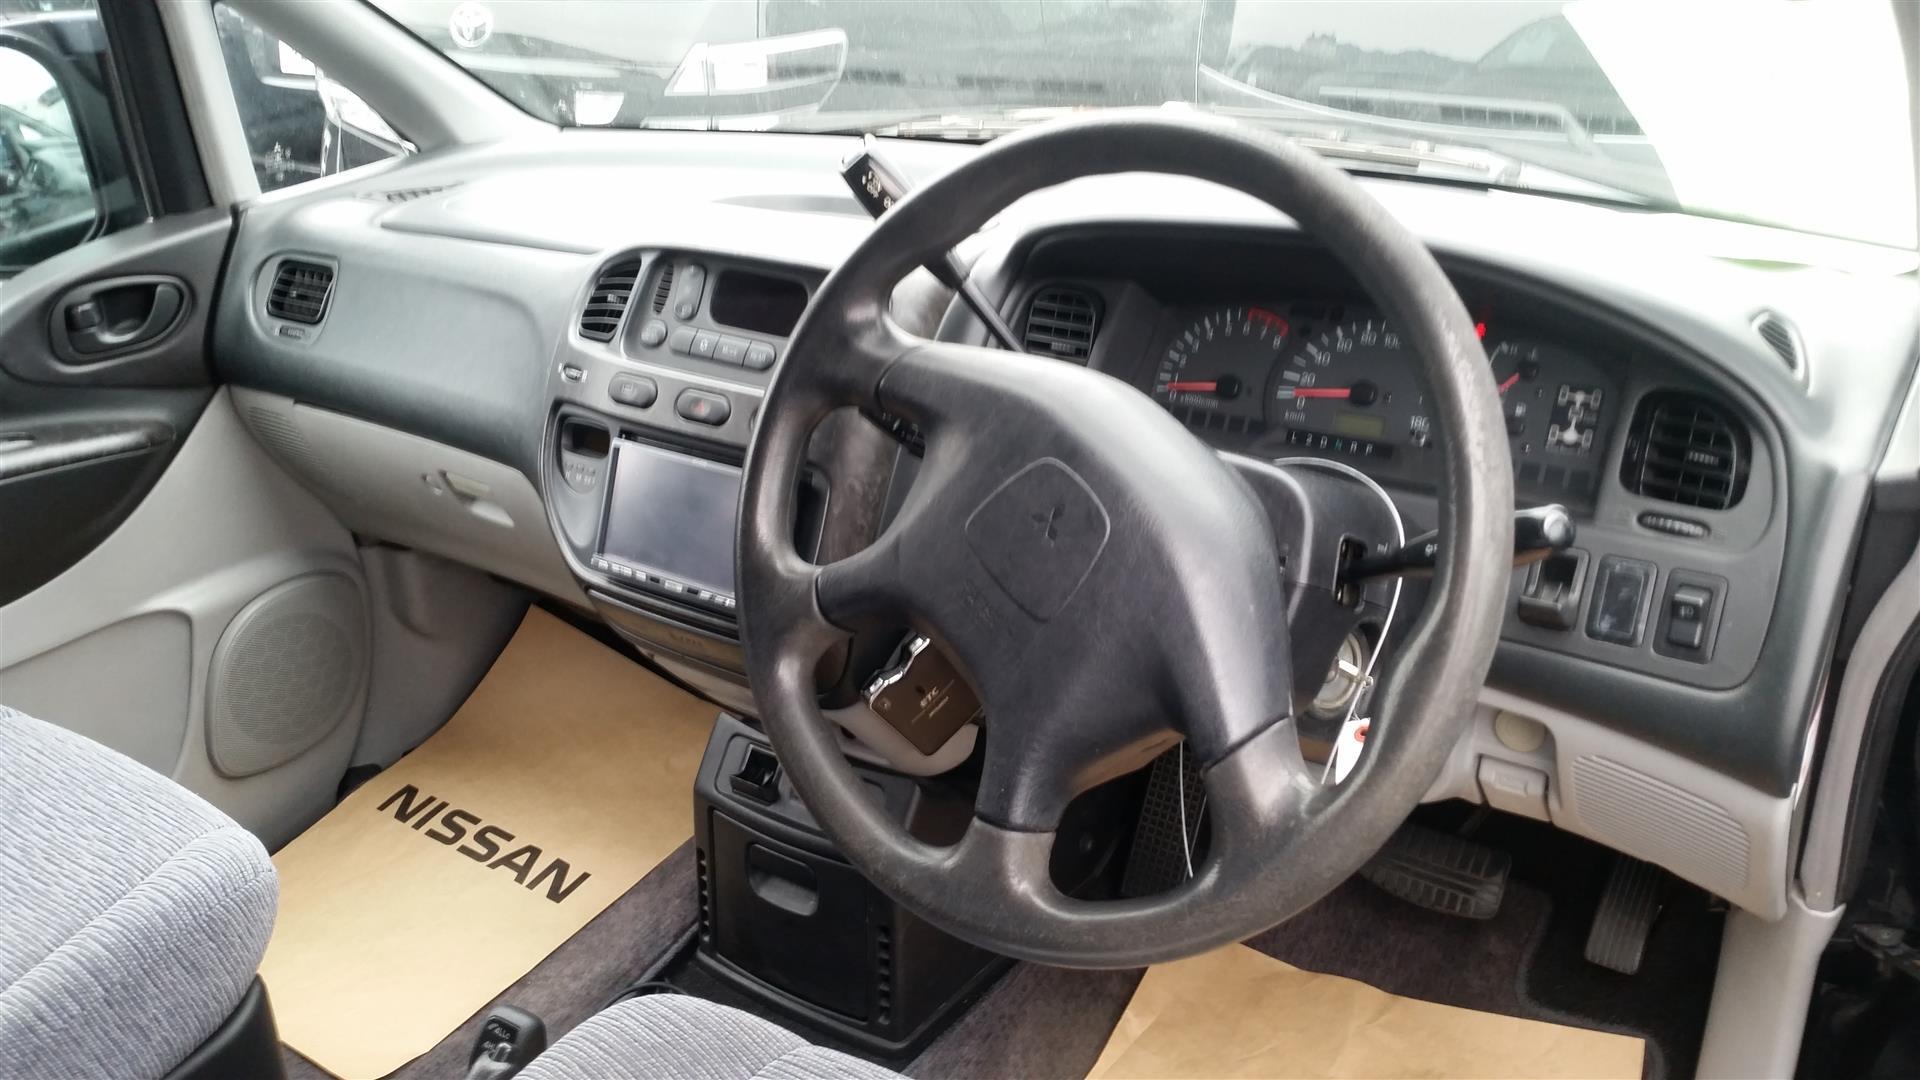 2003 Mitsubishi Delica PD6W Chamonix 7-seater 5